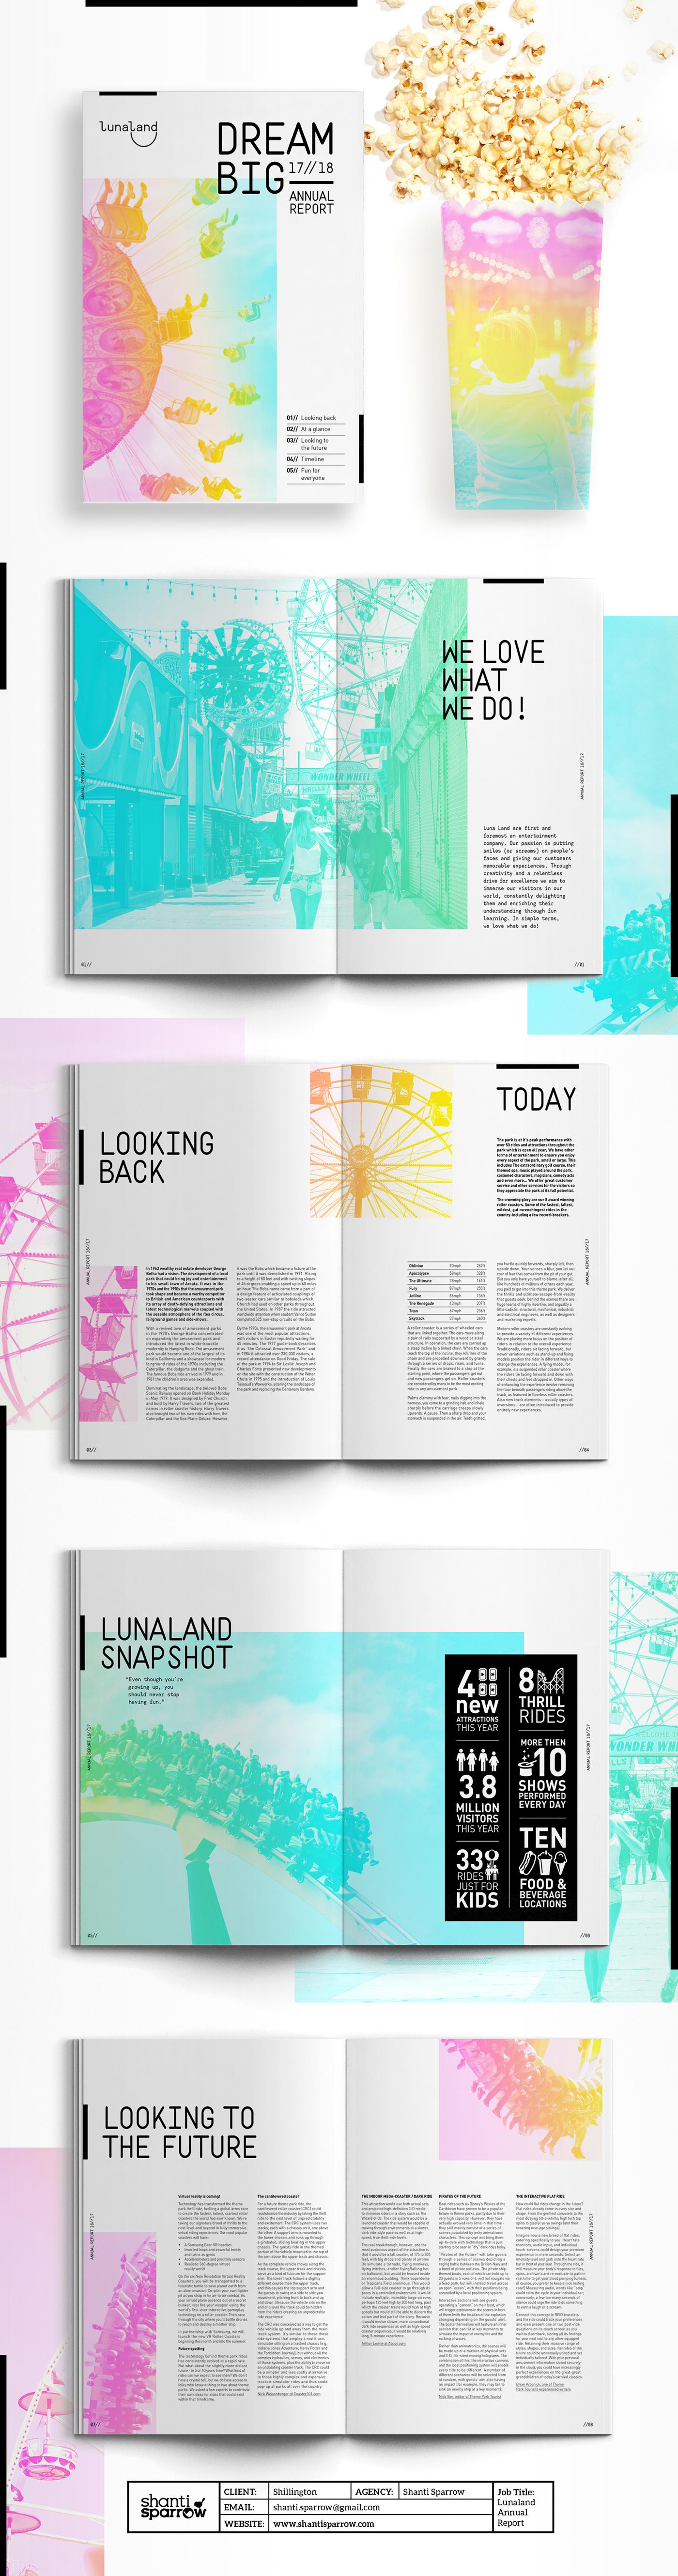 細緻的24套英文字排版設計欣賞